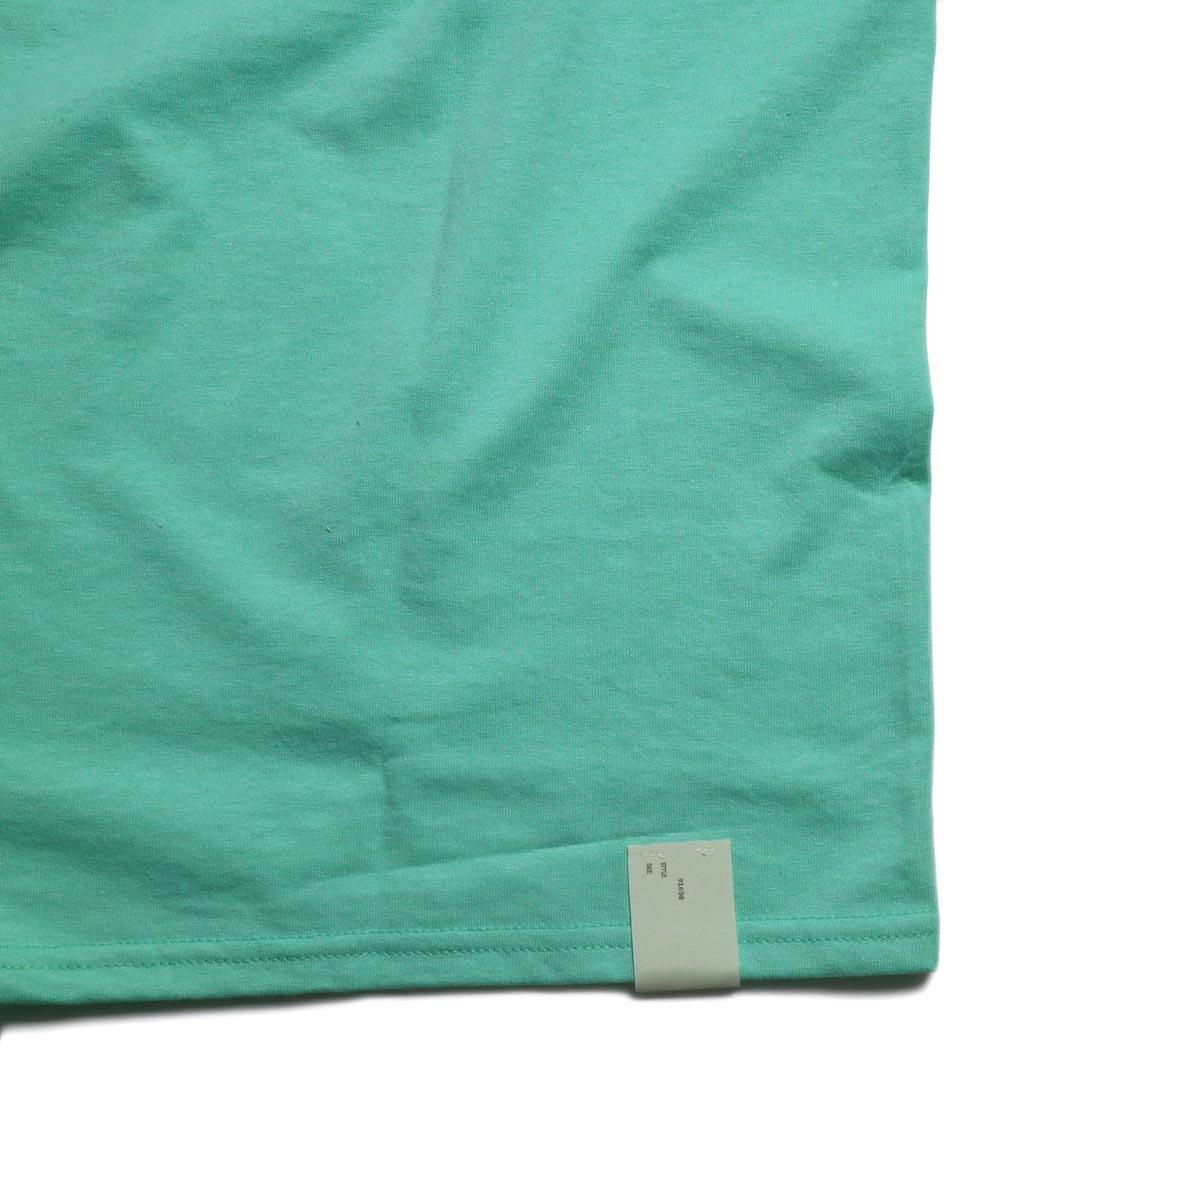 N.HOOLYWOOD × JERZEES  / 191-CS44-070 Short Sleeve Tee -Mint タグ